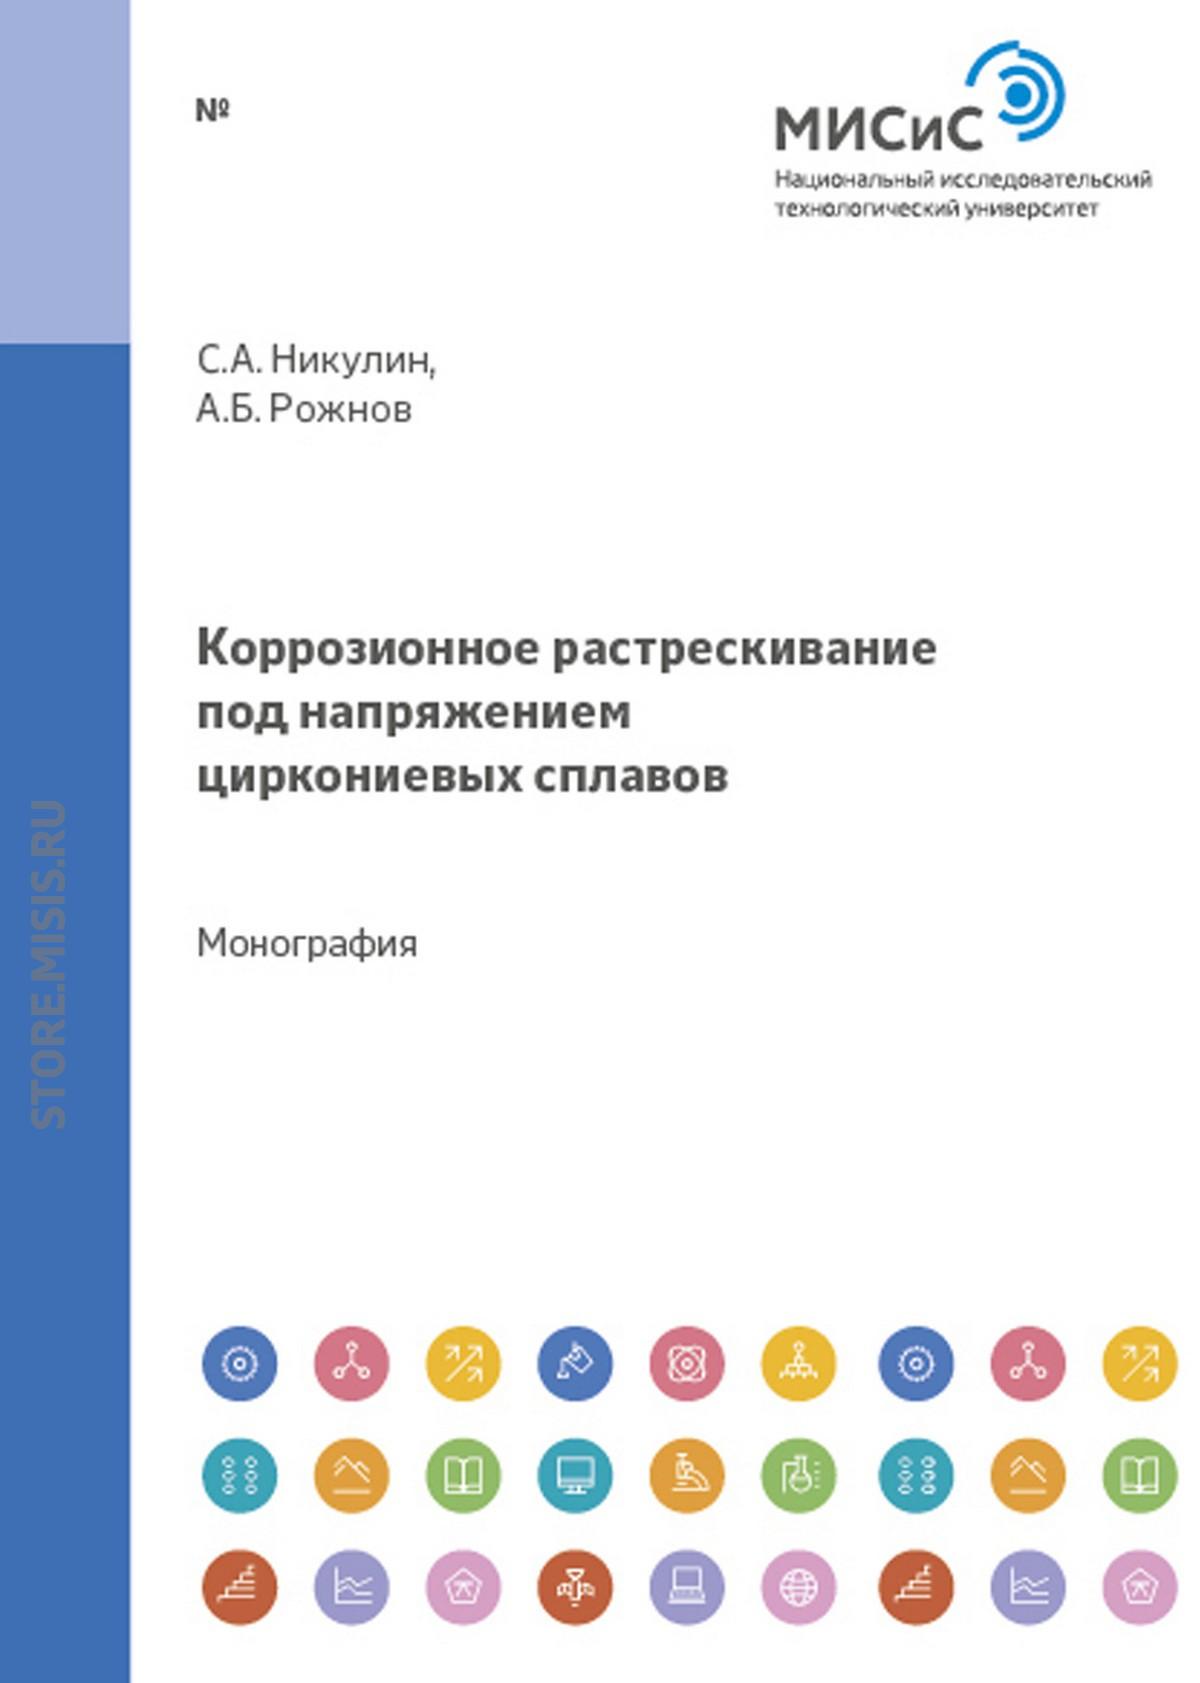 Андрей Рожнов Коррозионное растрескивание под напряжением циркониевых сплавов